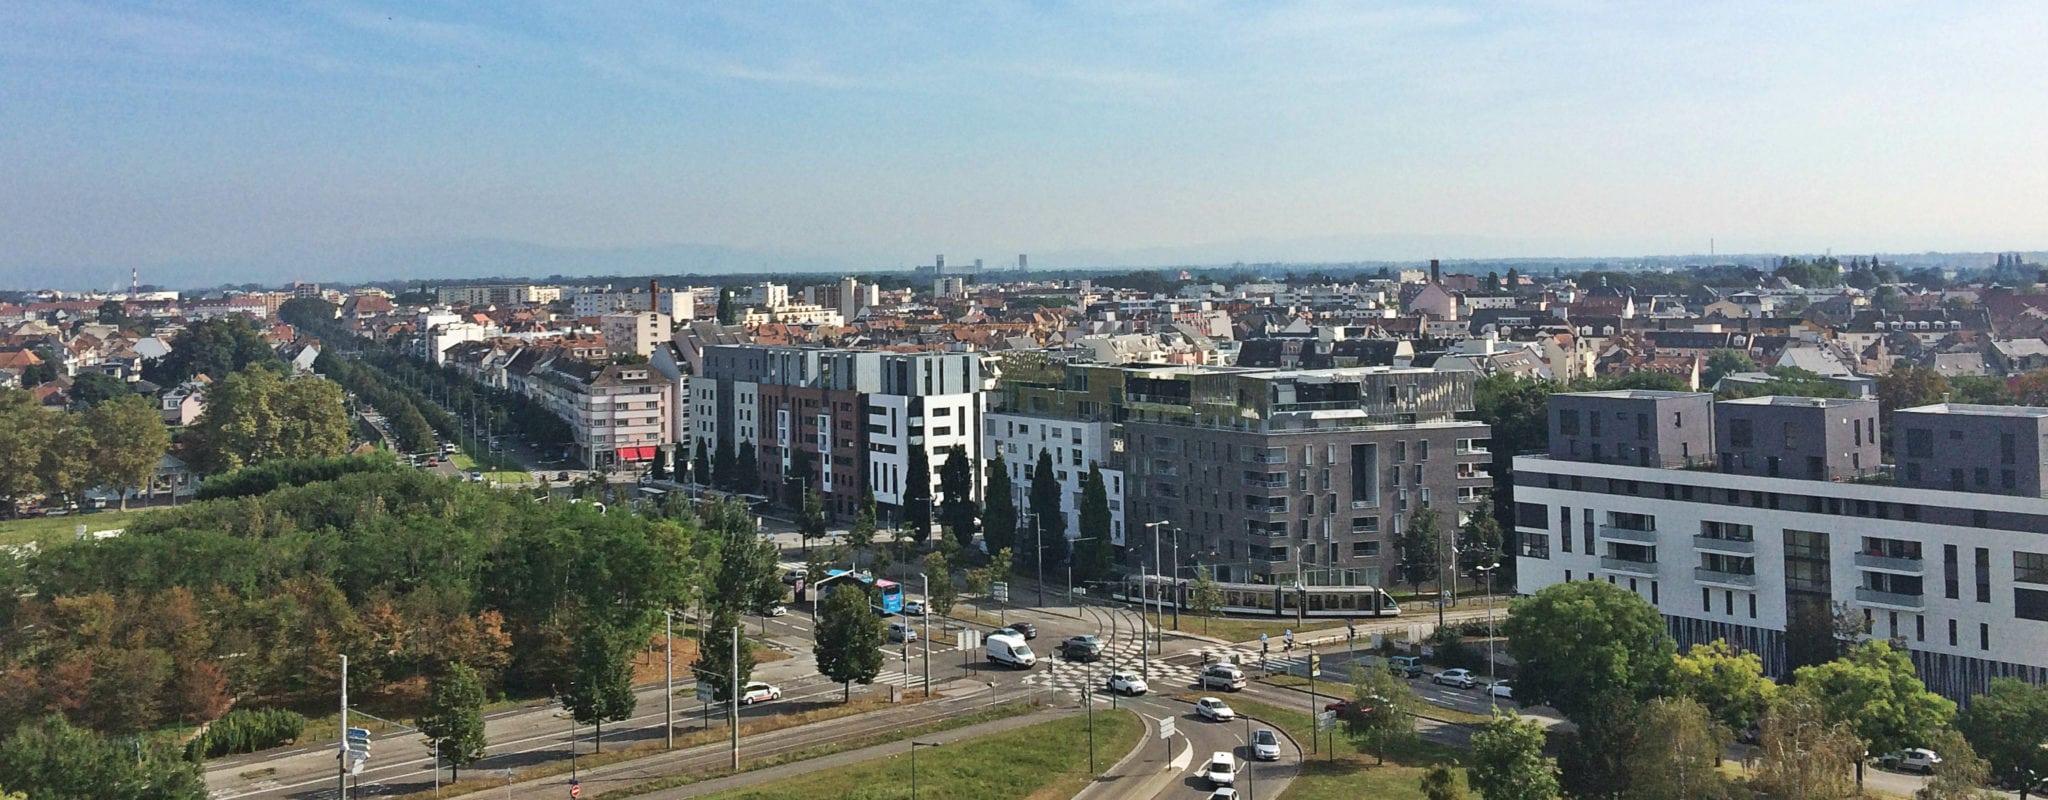 Avec le vote du PLU, l'Eurométropole s'engage dans la densification pour 15 ans